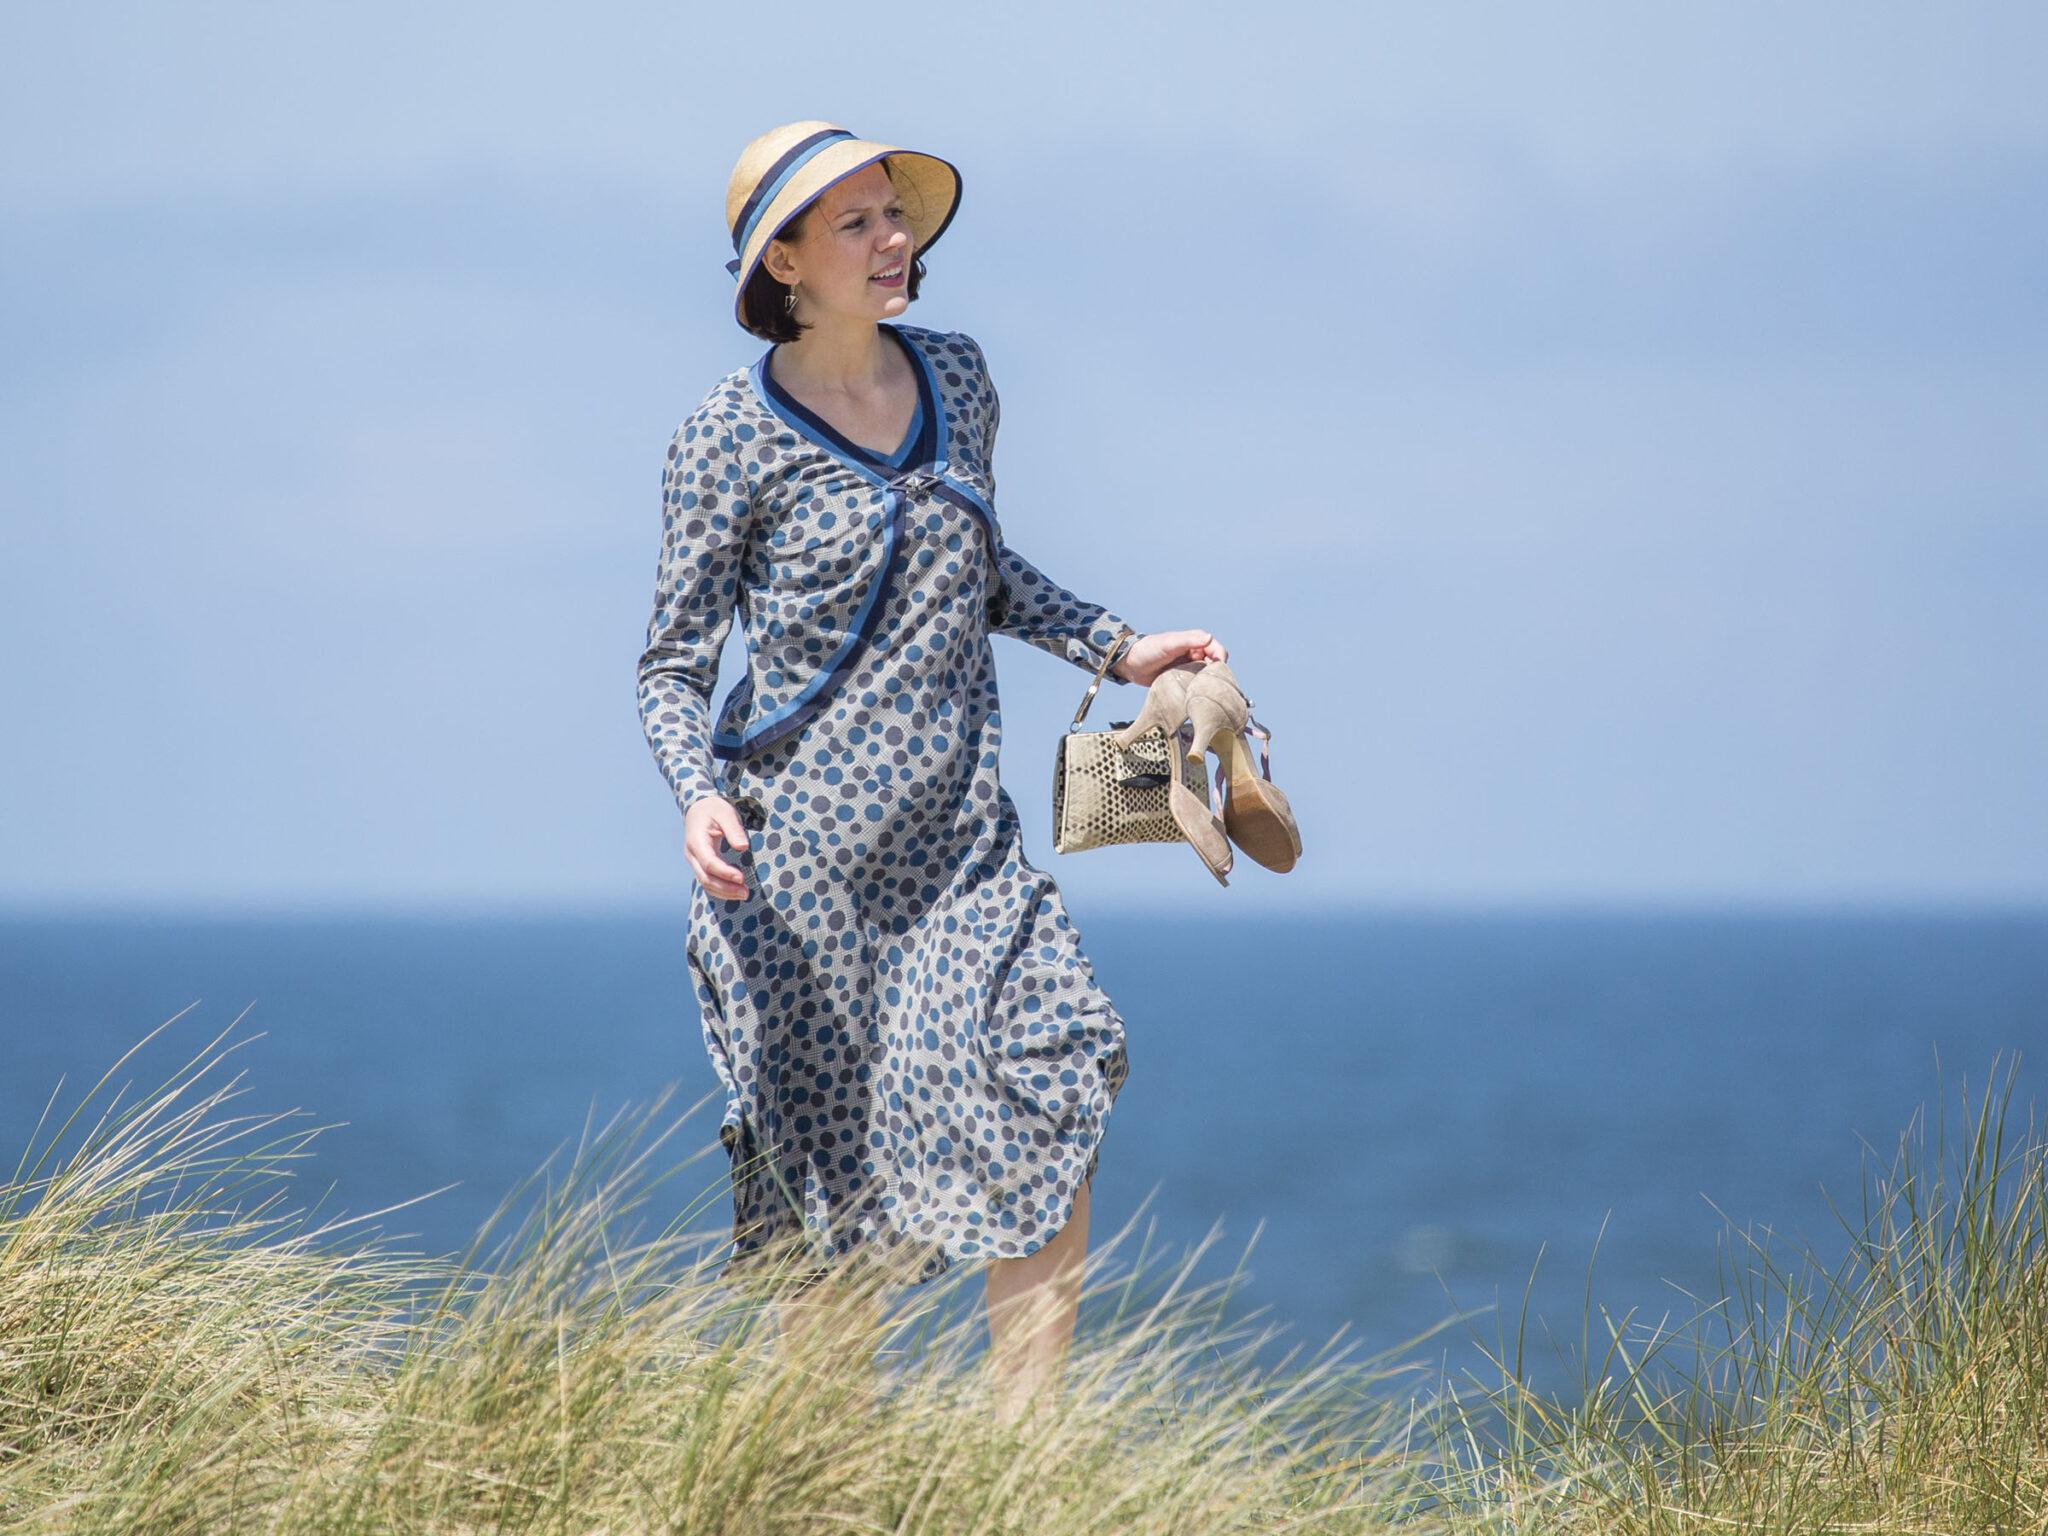 SerieTivu: Seaside Hotel decimo appuntamento. Continua il period drama ambientato sulle coste del Mare del Nord, in prima tv su TV2000